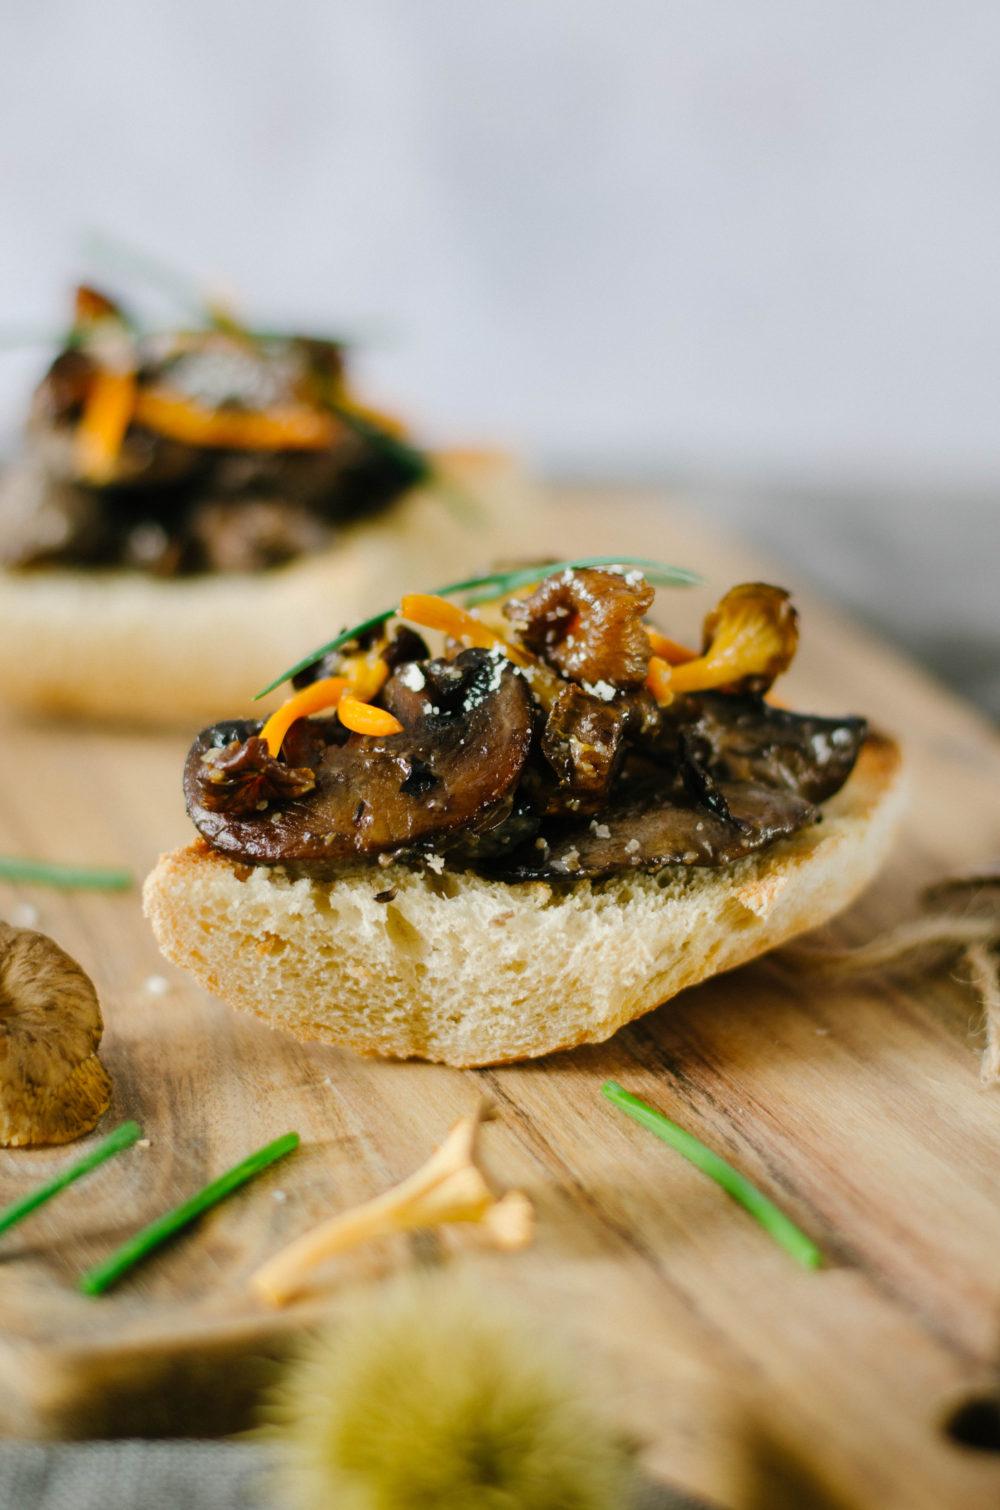 Croute aux champignons